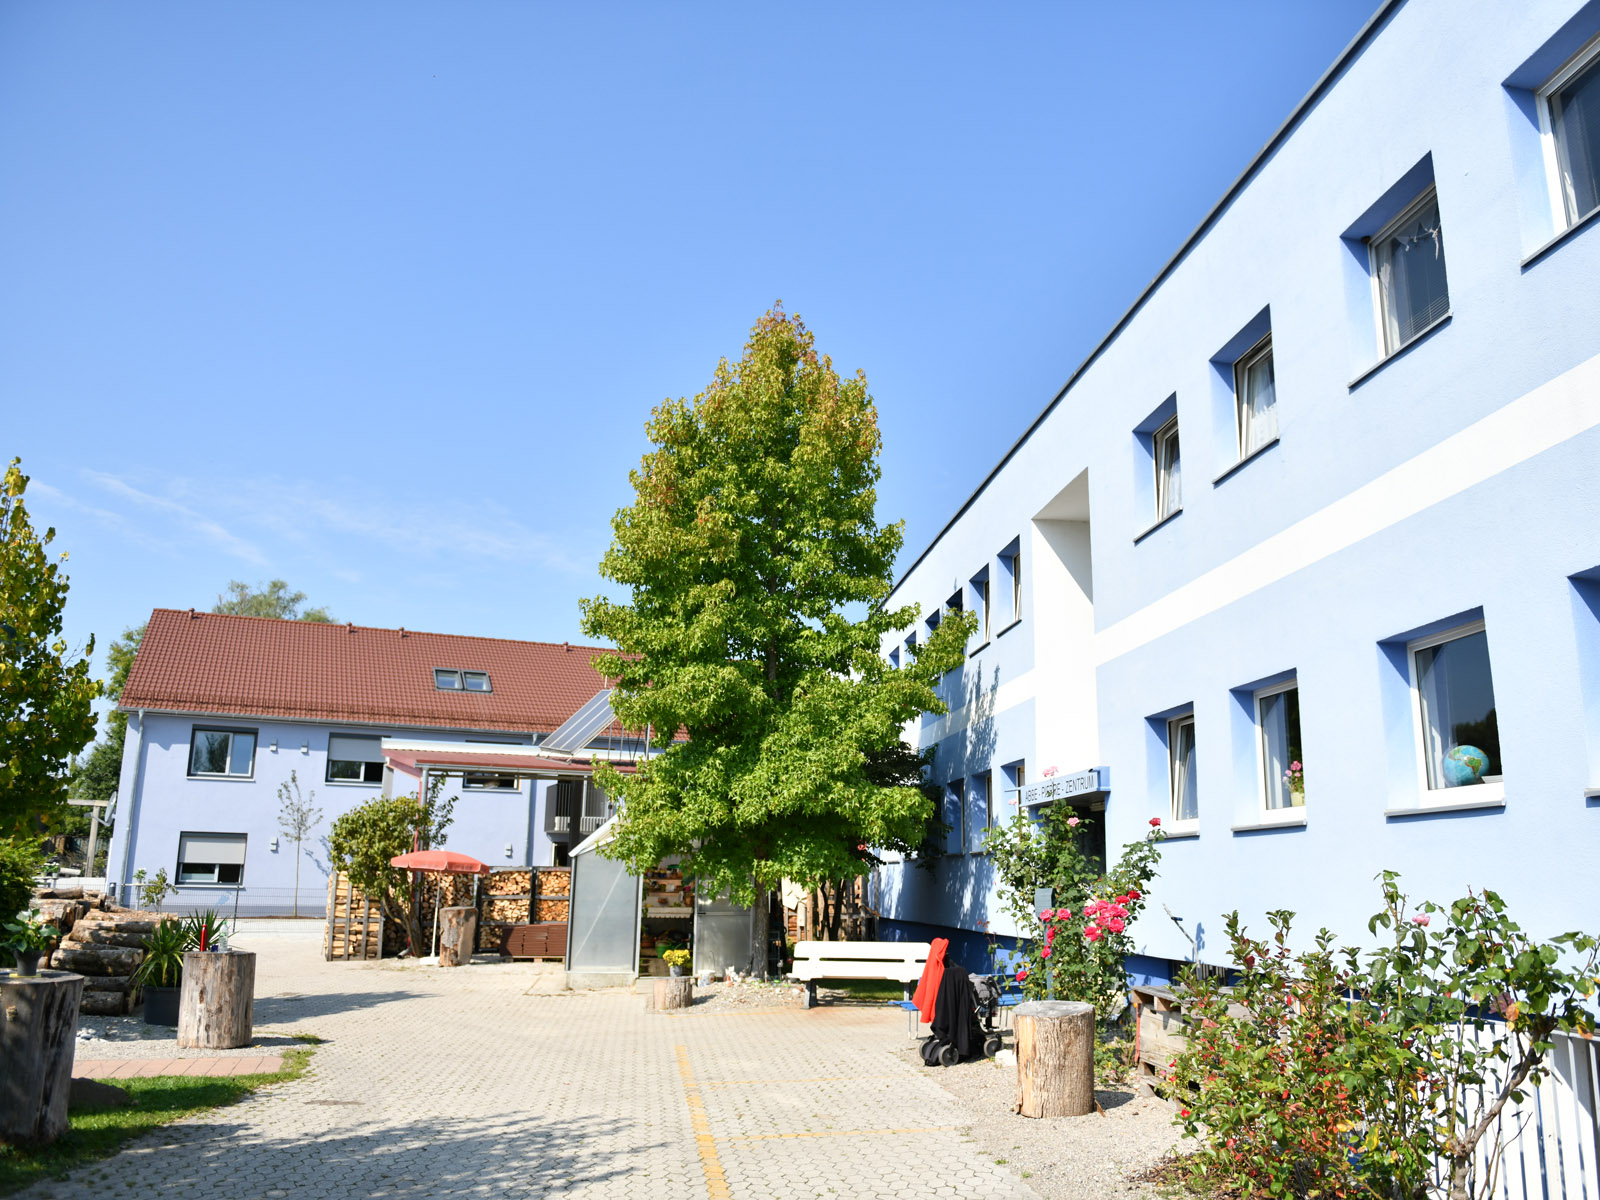 Gemeinsam mit dem Abbé-Pierre-Zentrum für suchtkranke Menschen (im Vordergrund) stellt das neue Wohnheim einen wichtigen Baustein in der sozialen Arbeit der Caritas Augsburg dar (Fotos: Julian Schmidt / pba)